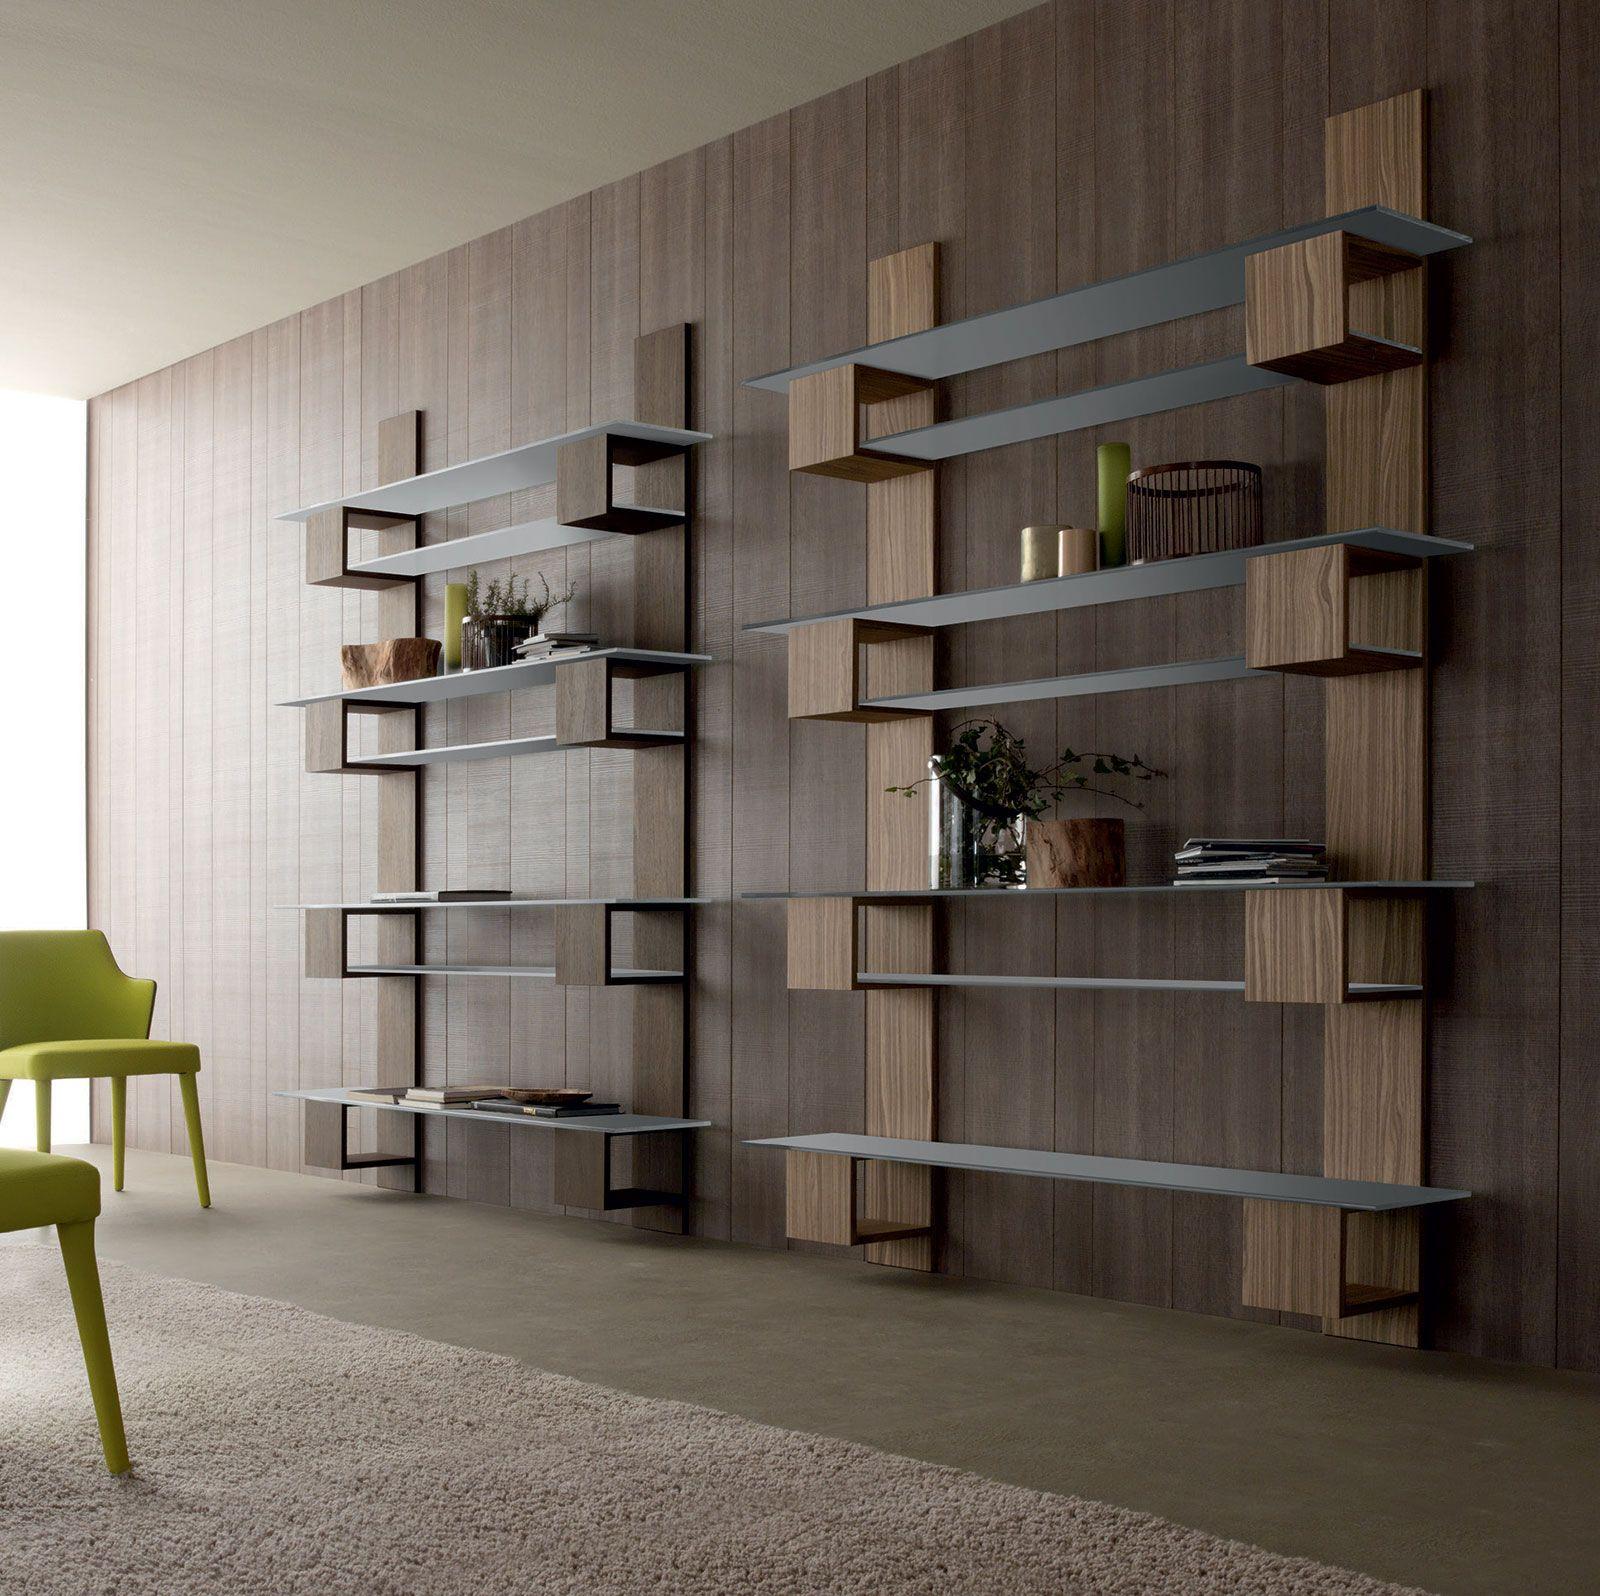 infinity meuble bibliothèque mural à étagères | bibliothèque murale